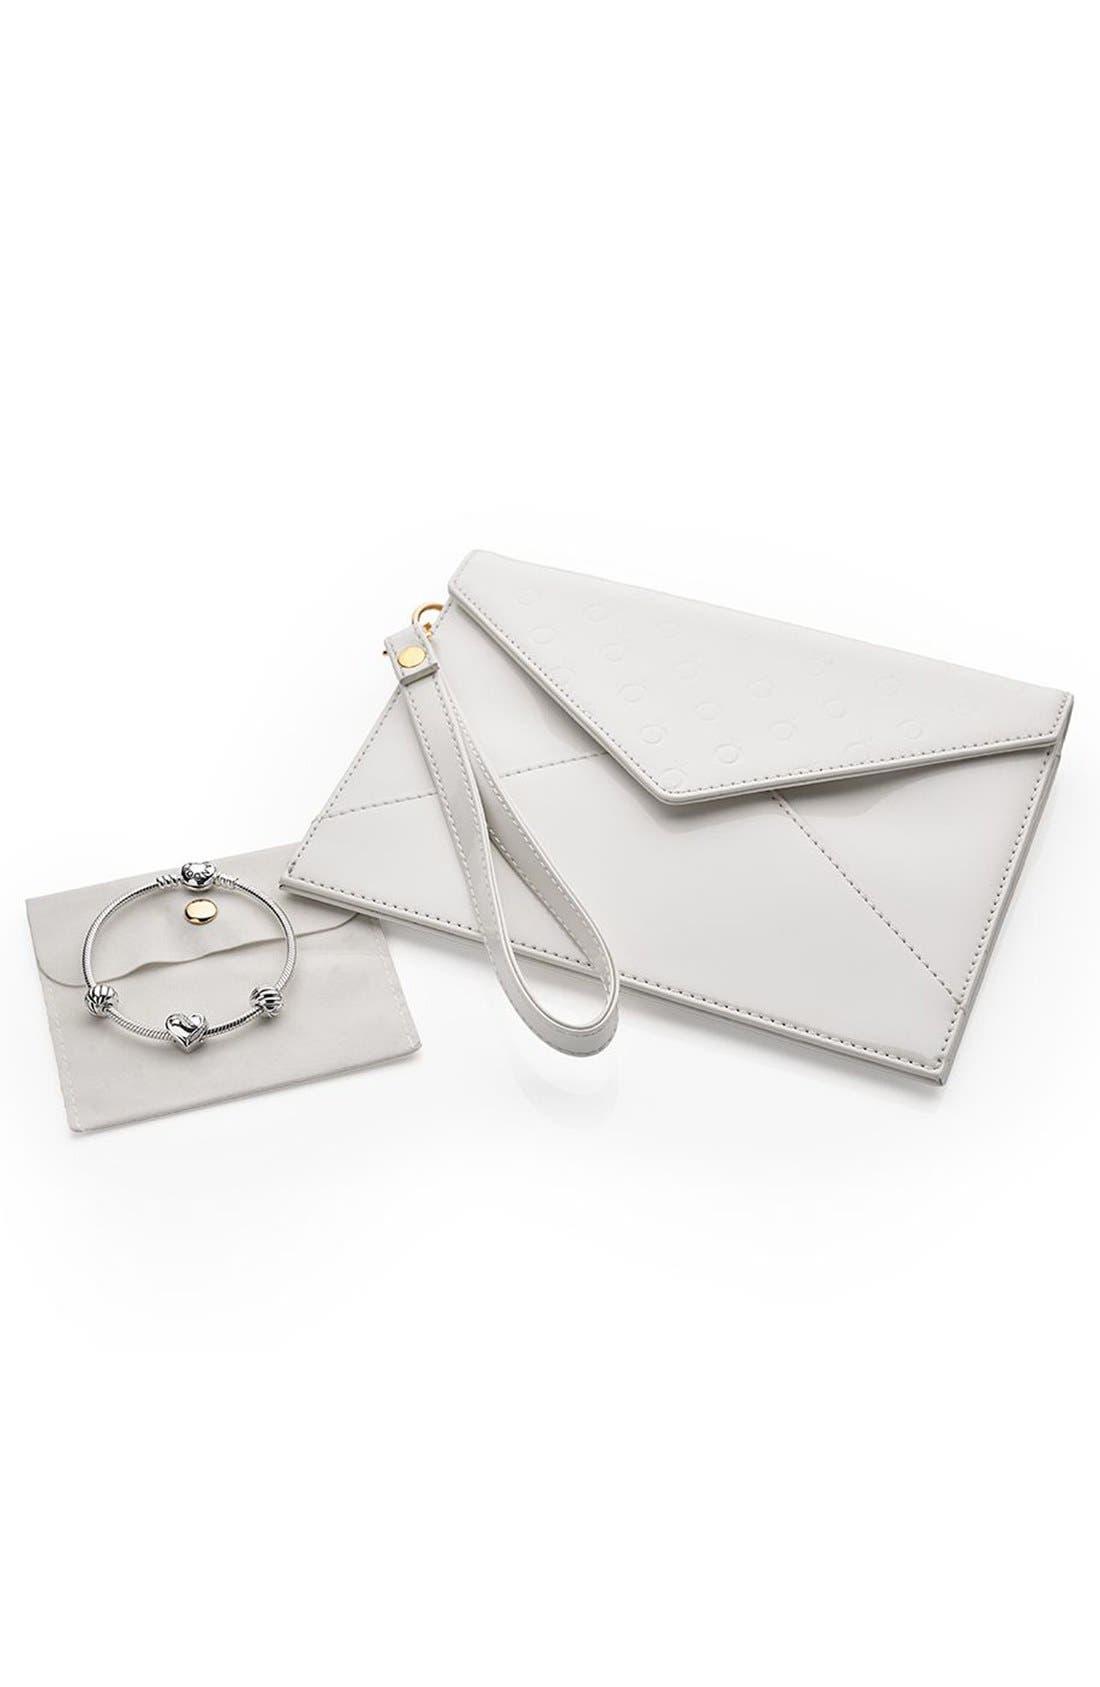 Alternate Image 2  - PANDORA 'Filled with Love' Bracelet Gift Set